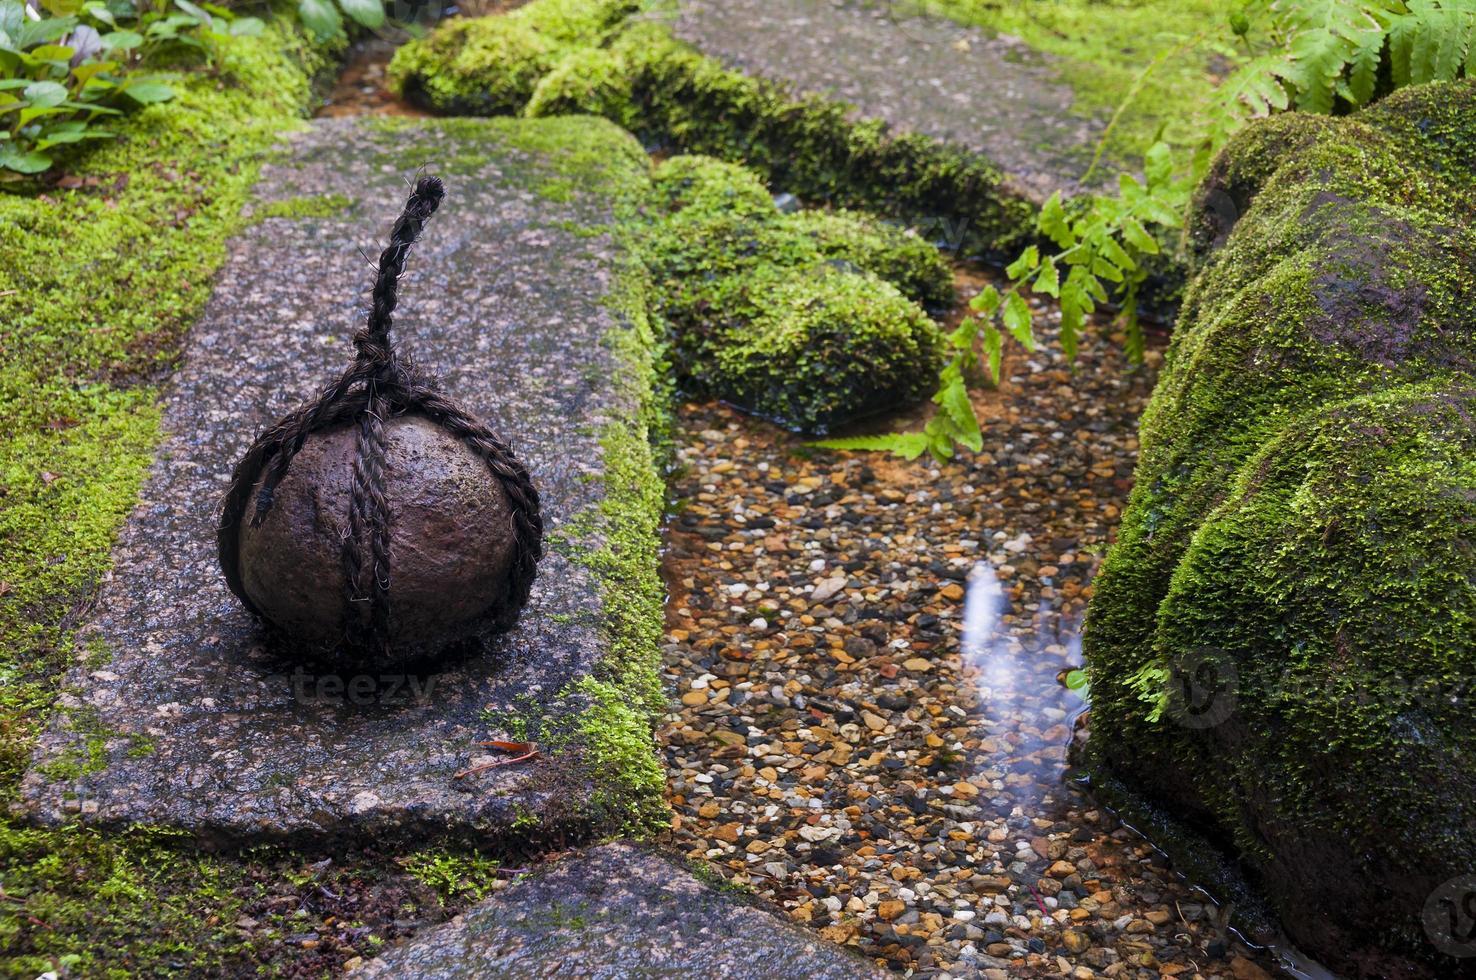 peso tradizionale giapponese nel giardino zen foto